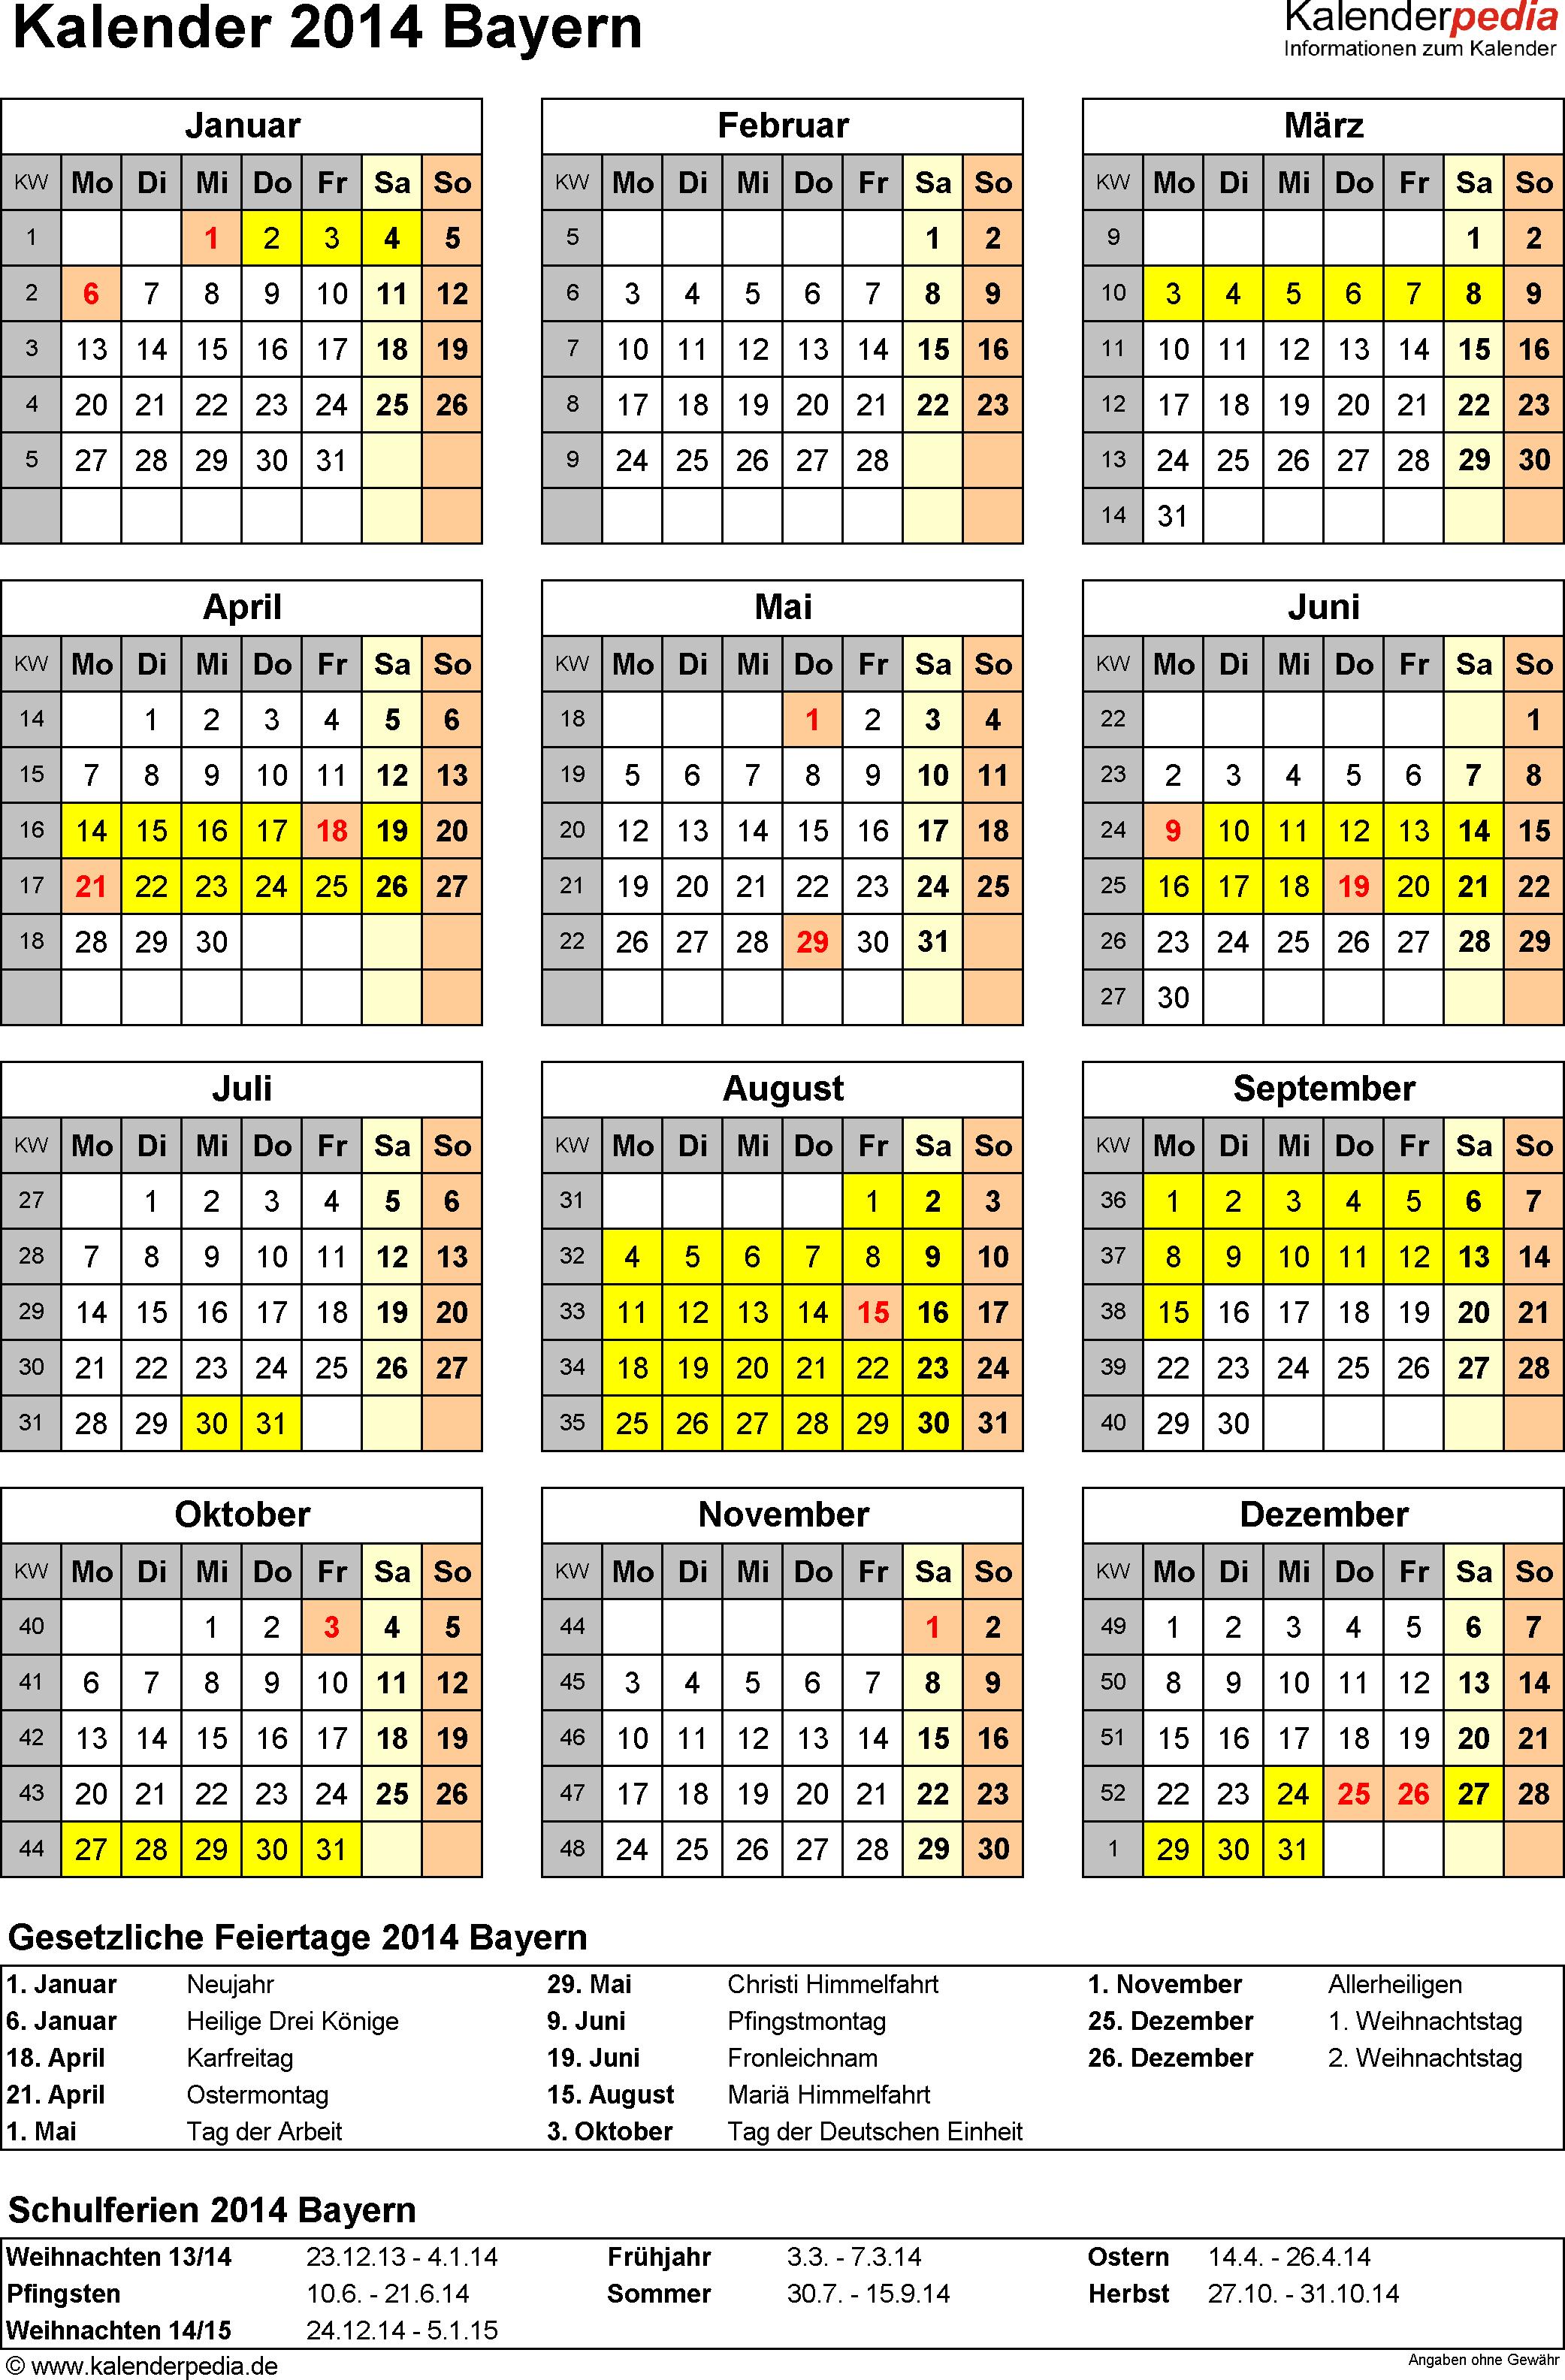 Vorlage 4: Kalender Bayern 2014 als Excel-Vorlage (Hochformat)